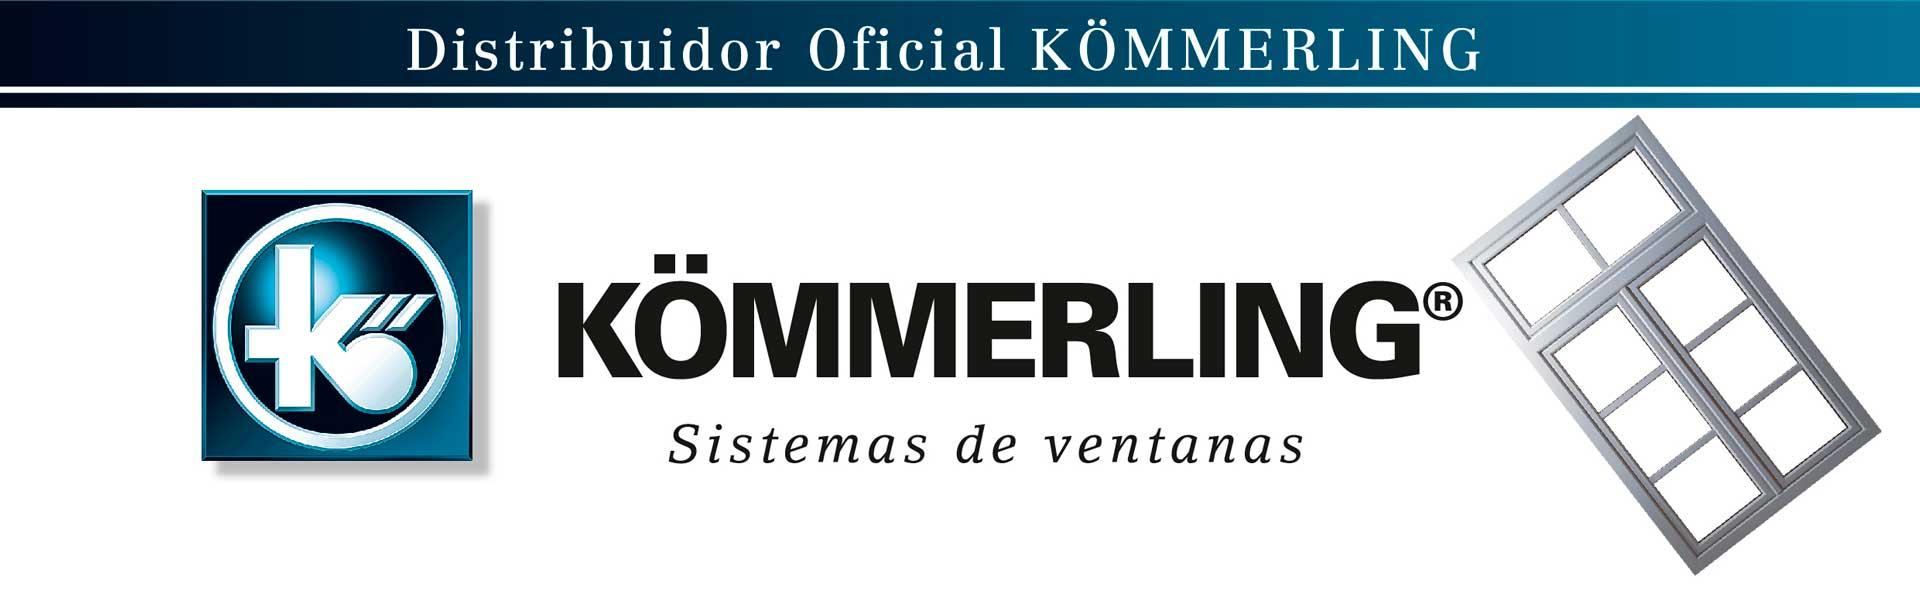 Primer distribuidor kommerling en Madrid